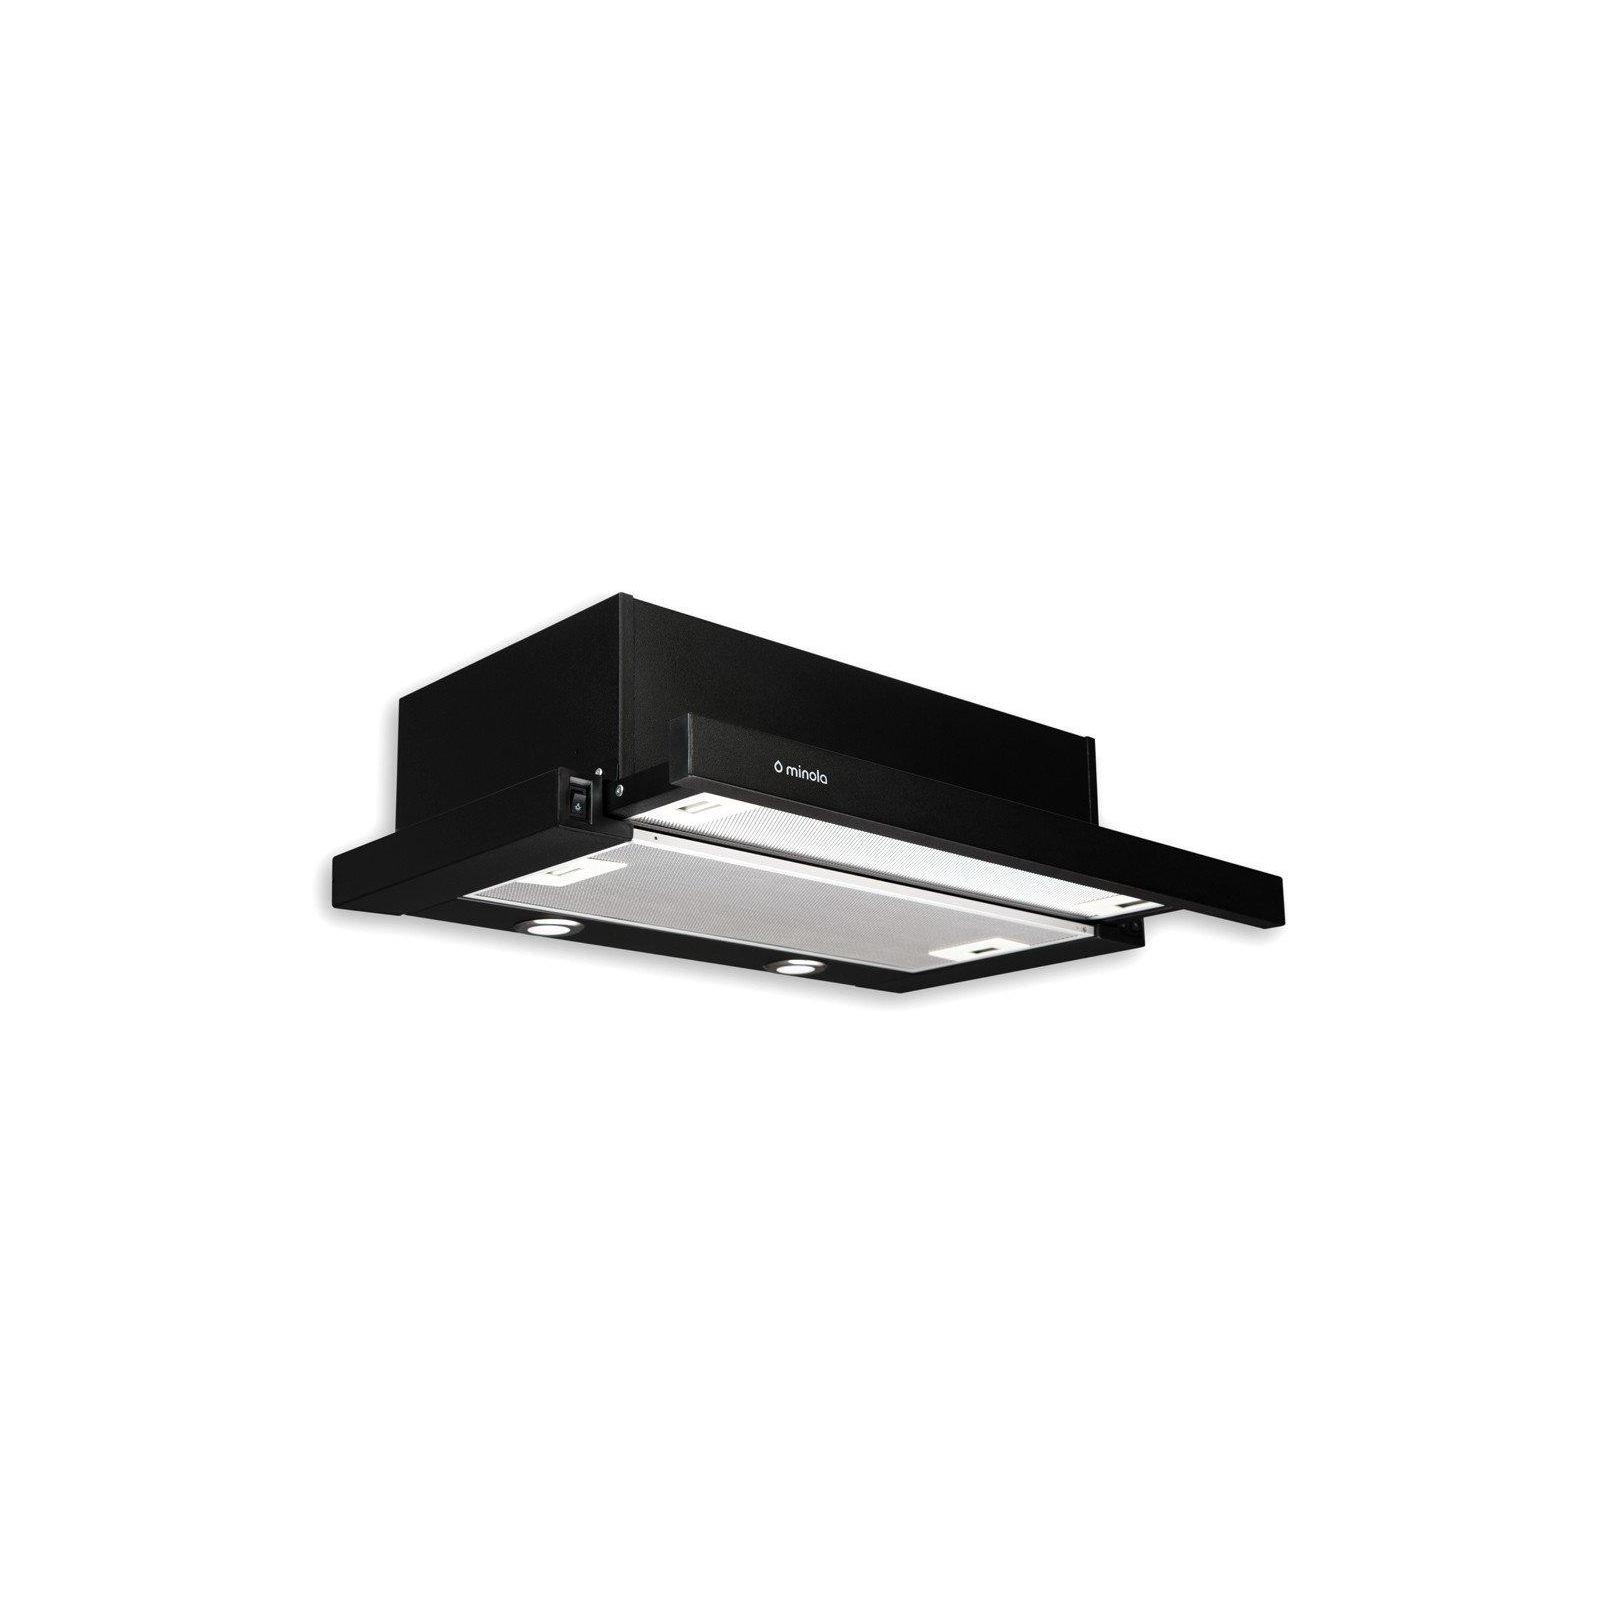 Вытяжка кухонная MINOLA HTL 6012 BL 450 LED